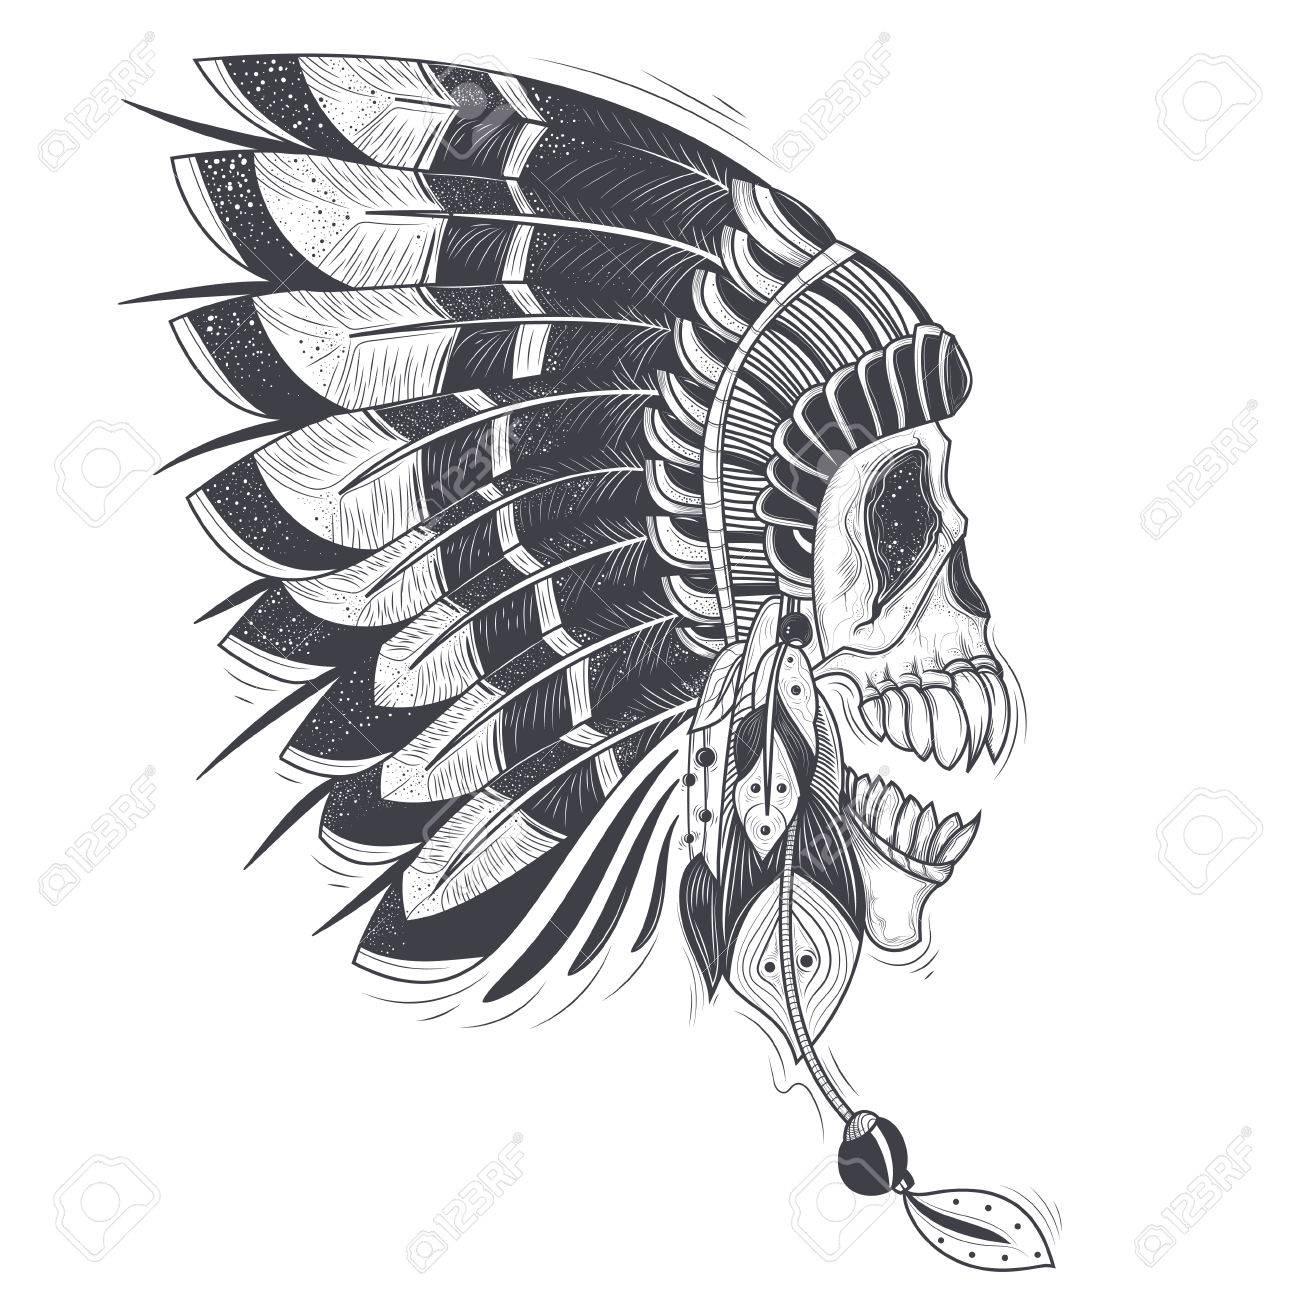 Ilustración Vectorial De Una Plantilla Para Un Tatuaje Con Un Cráneo ...